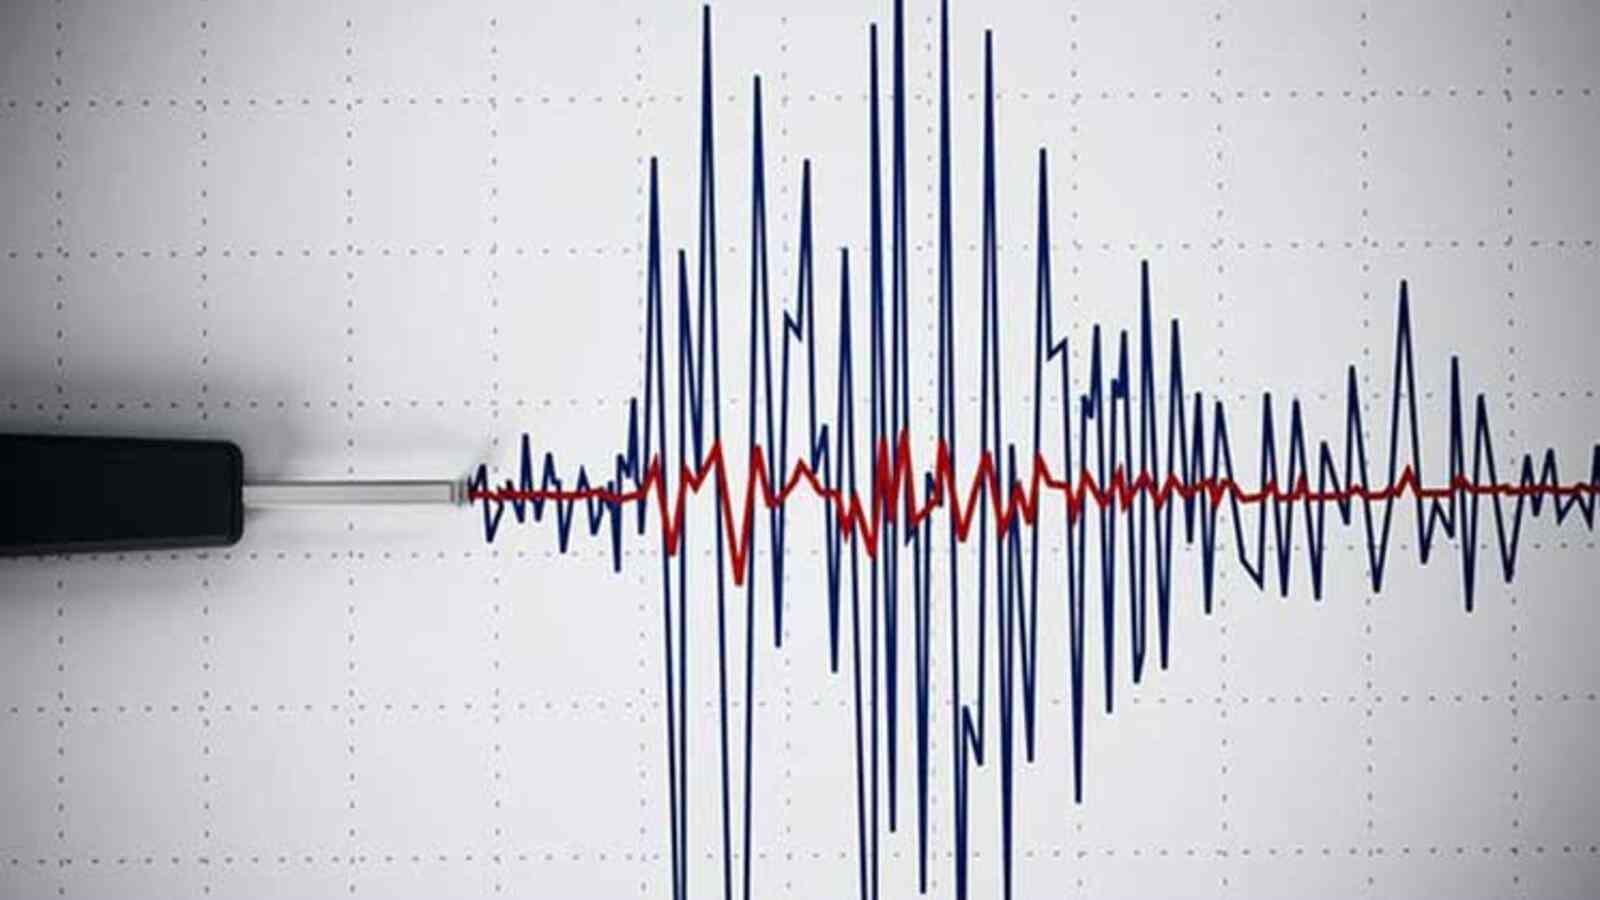 هيئة المسح الجيولوجي الأميركية تعلن أن زلزال بقوة 4.4 درجات ضرب مدينة لوس أنجلس الأميركية، ولا أنباء عن أضرار أو إصابات.